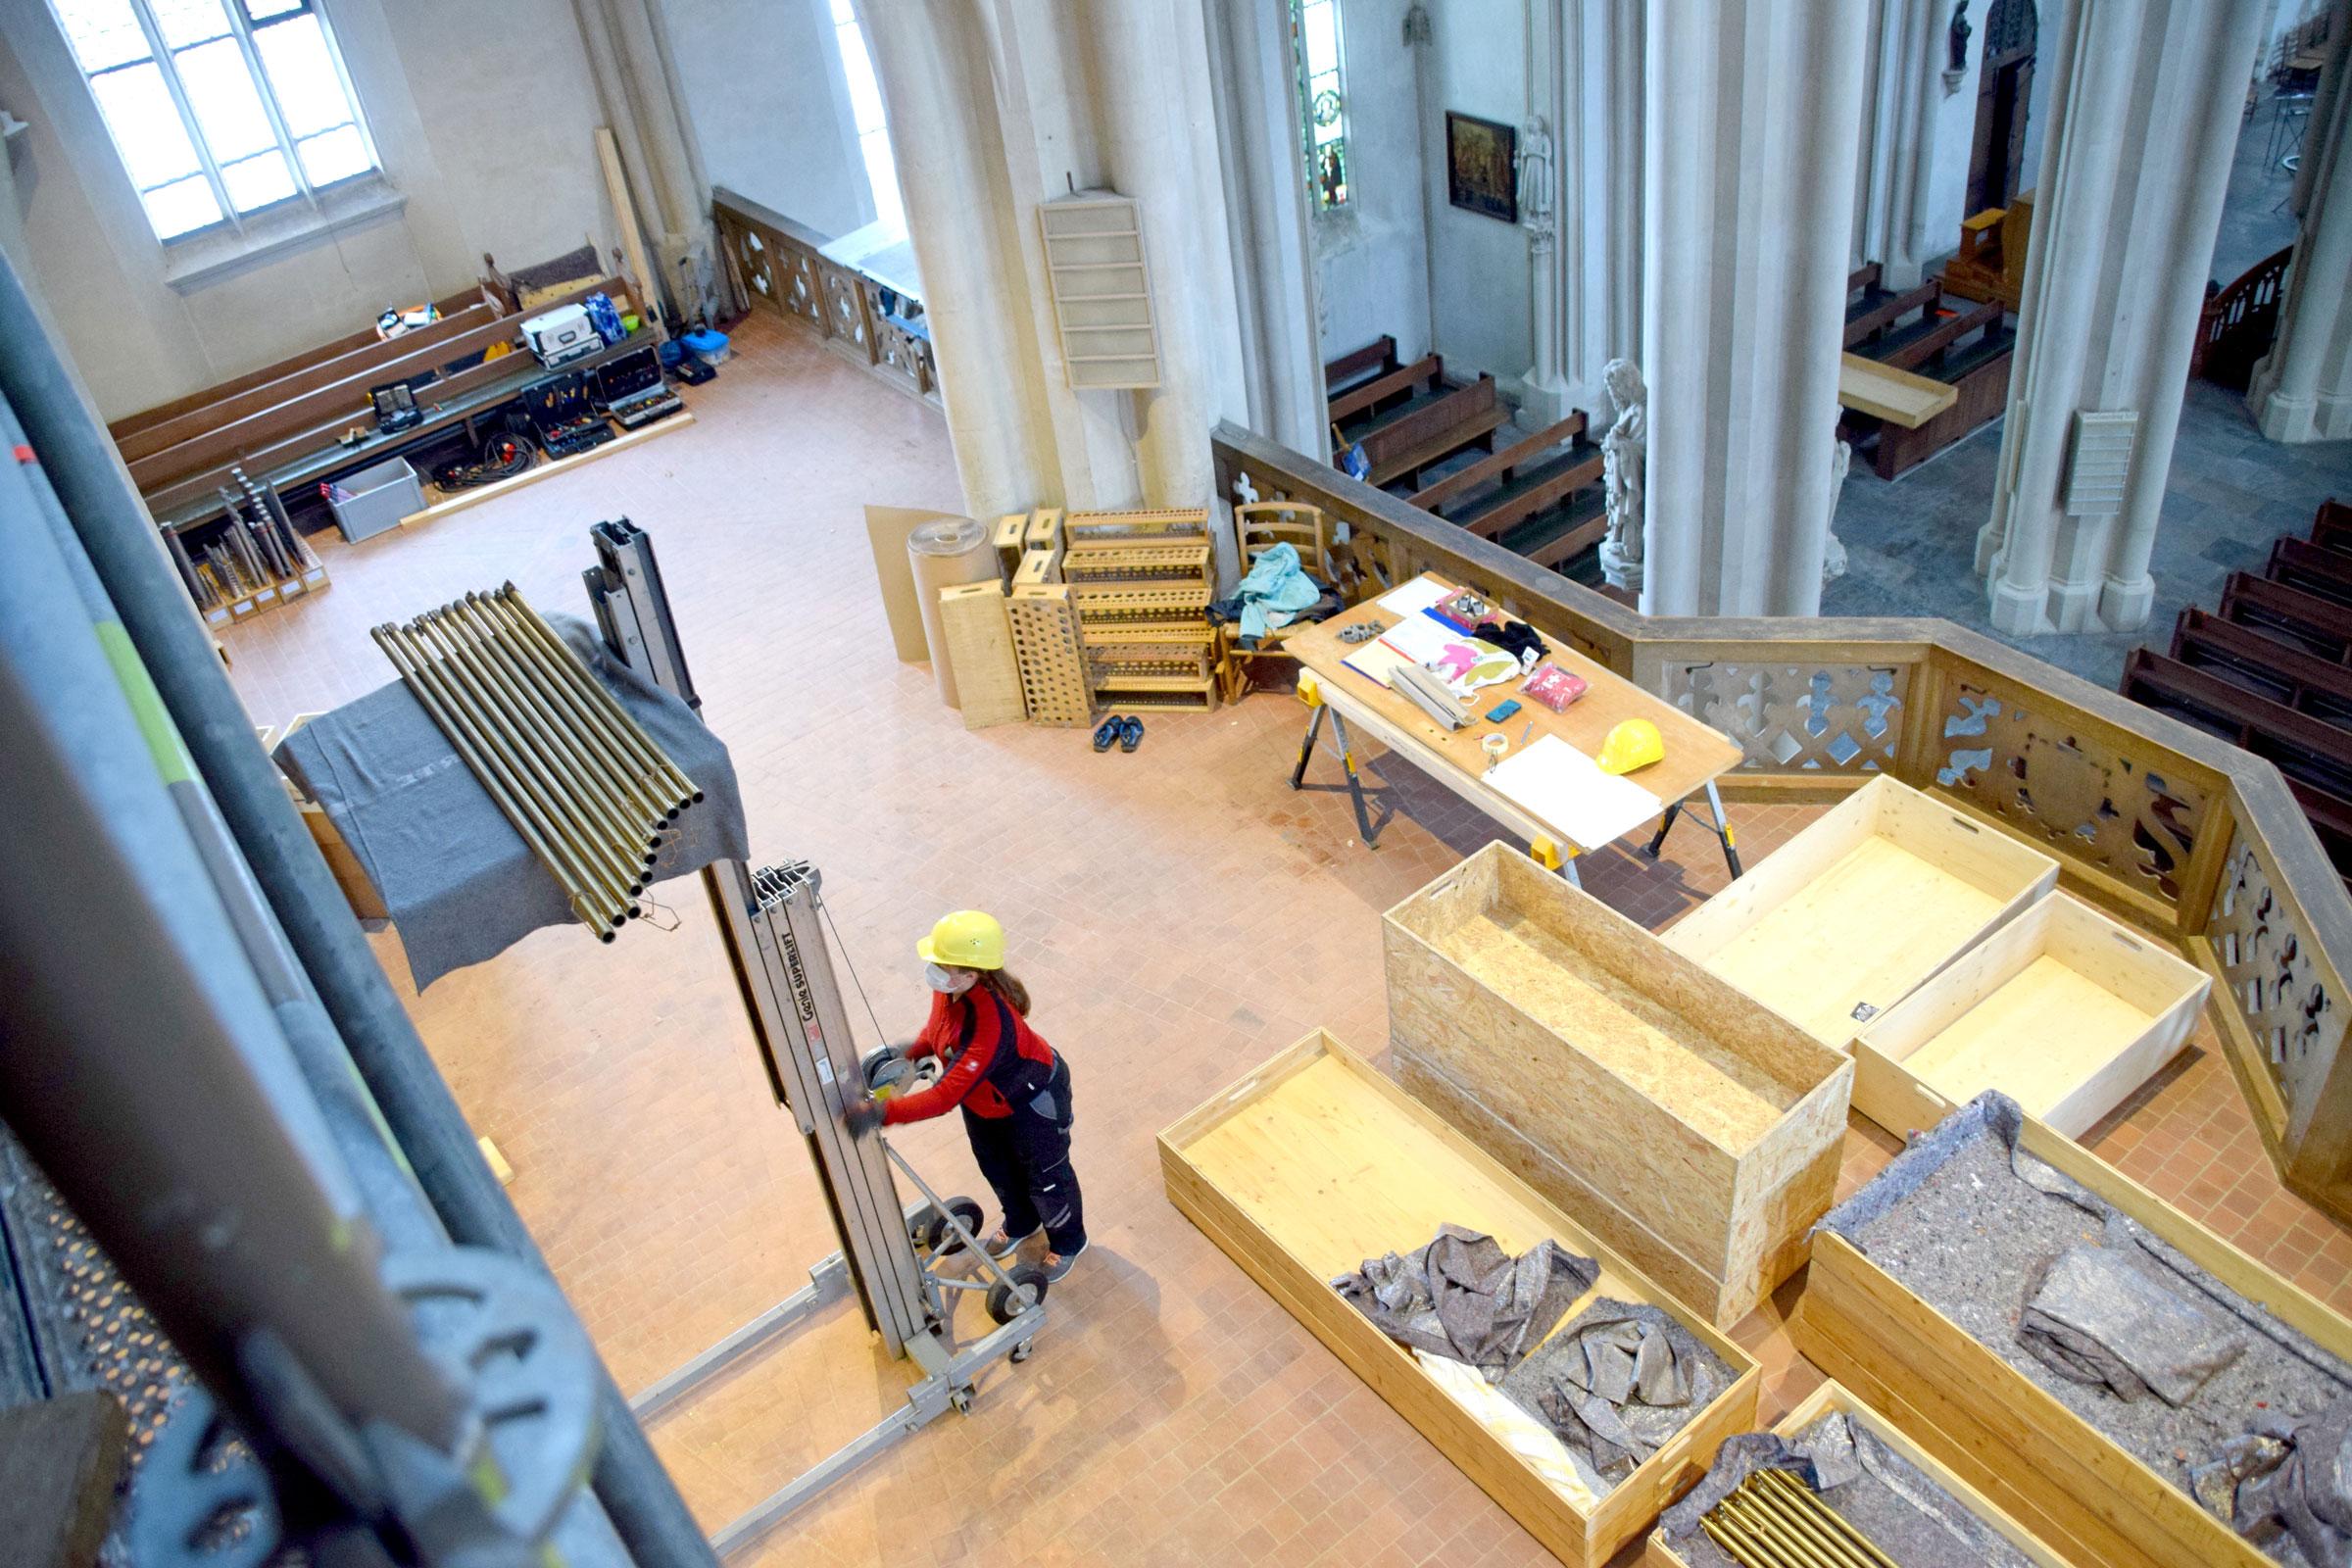 Julia Bender von der Firma Sandtner holt mit dem handbetriebenen Aufzug die abgebauten Pfeifen der Orgel auf die Empore. Hier werden sie verpackt und per zweitem Aufzug abtransportiert. Foto: am